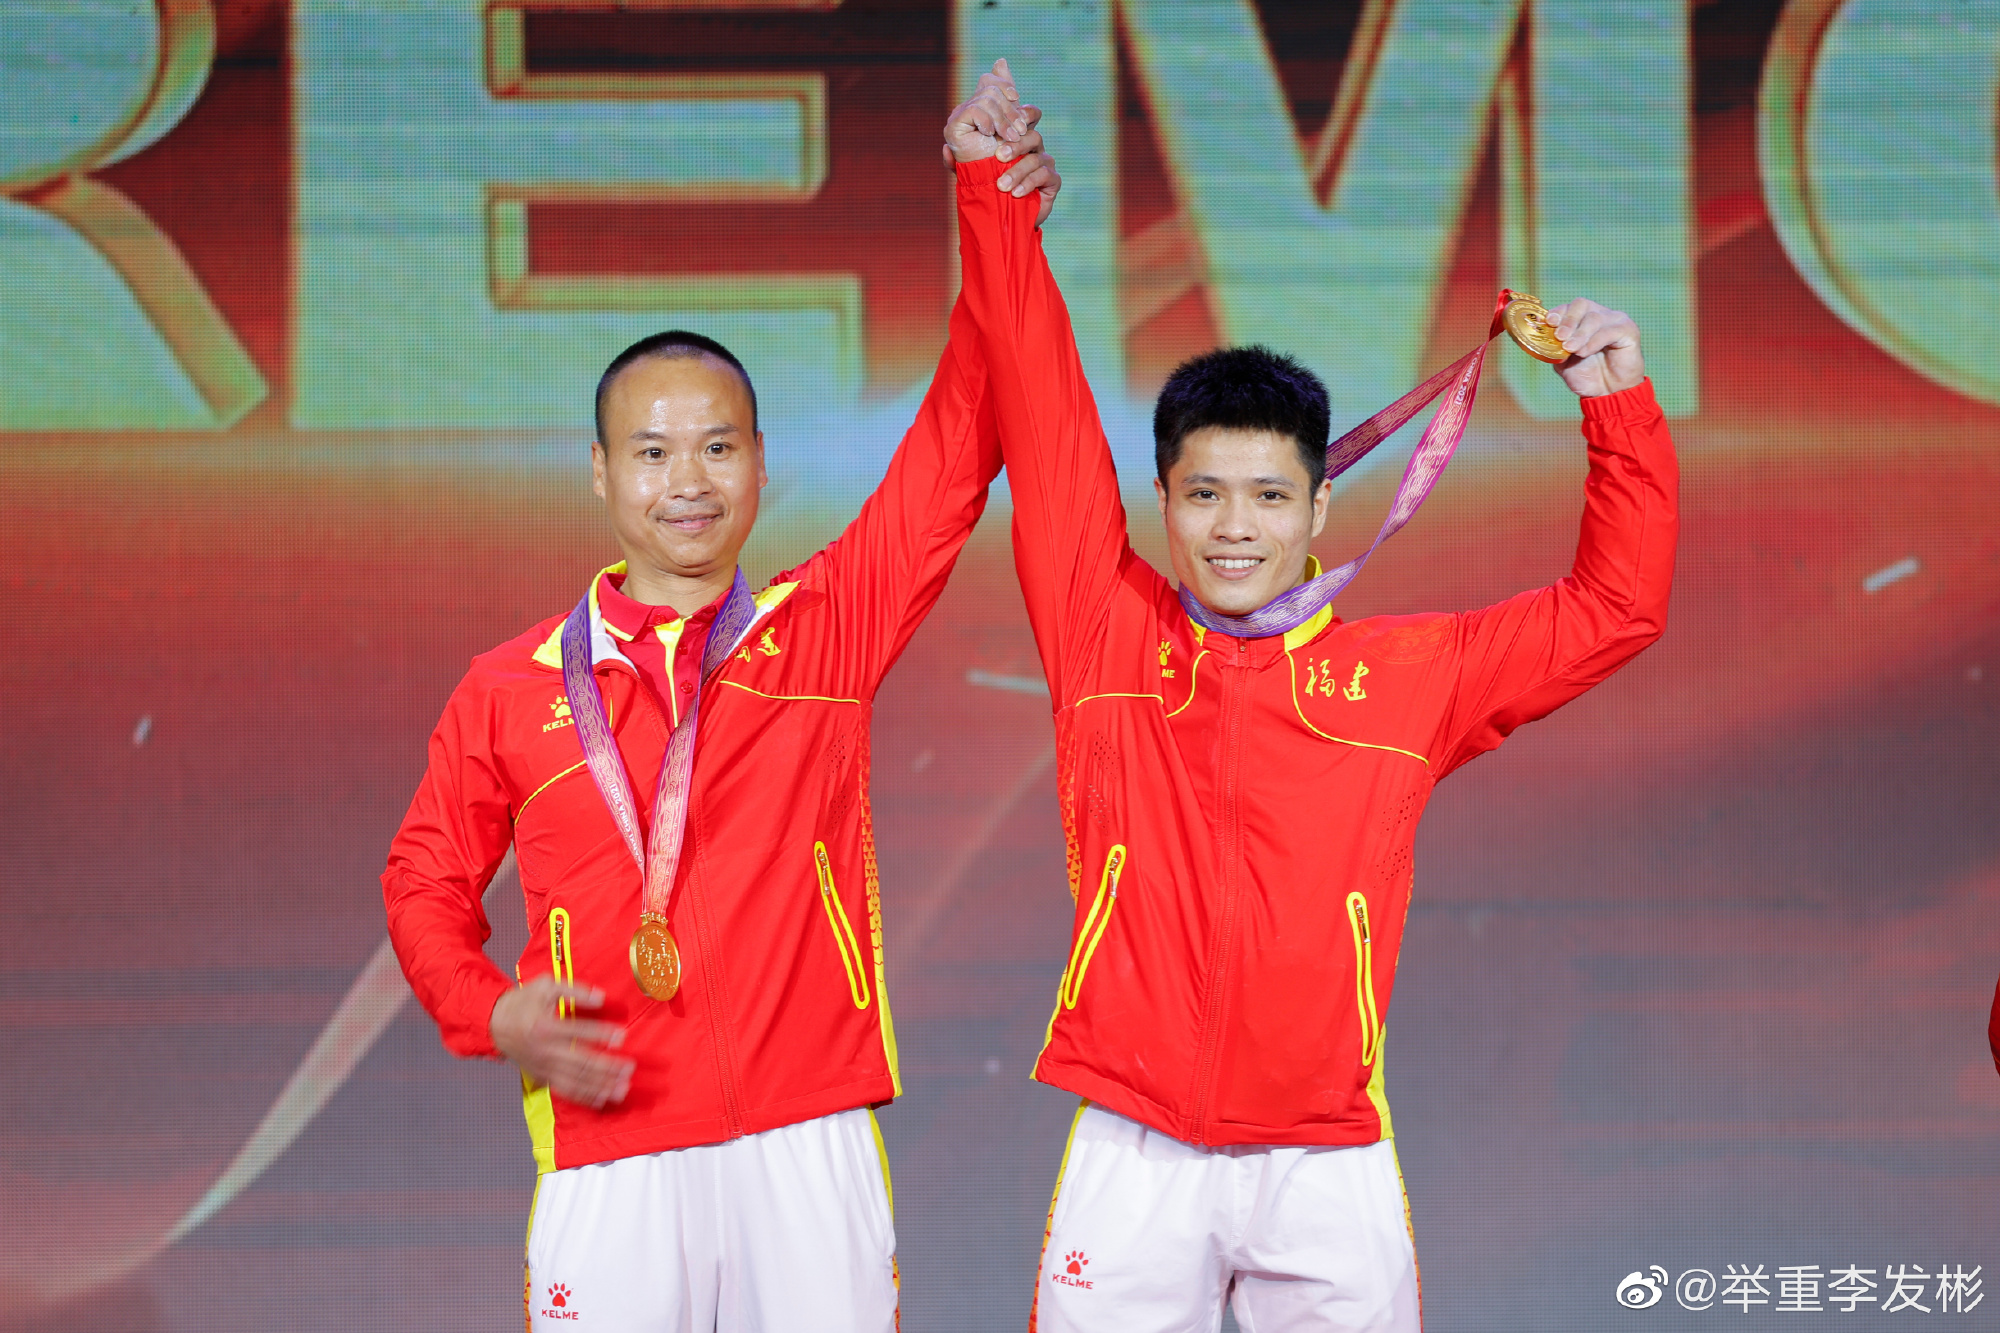 李发彬:中秋节比赛头一回 能卫冕金牌感觉很幸福